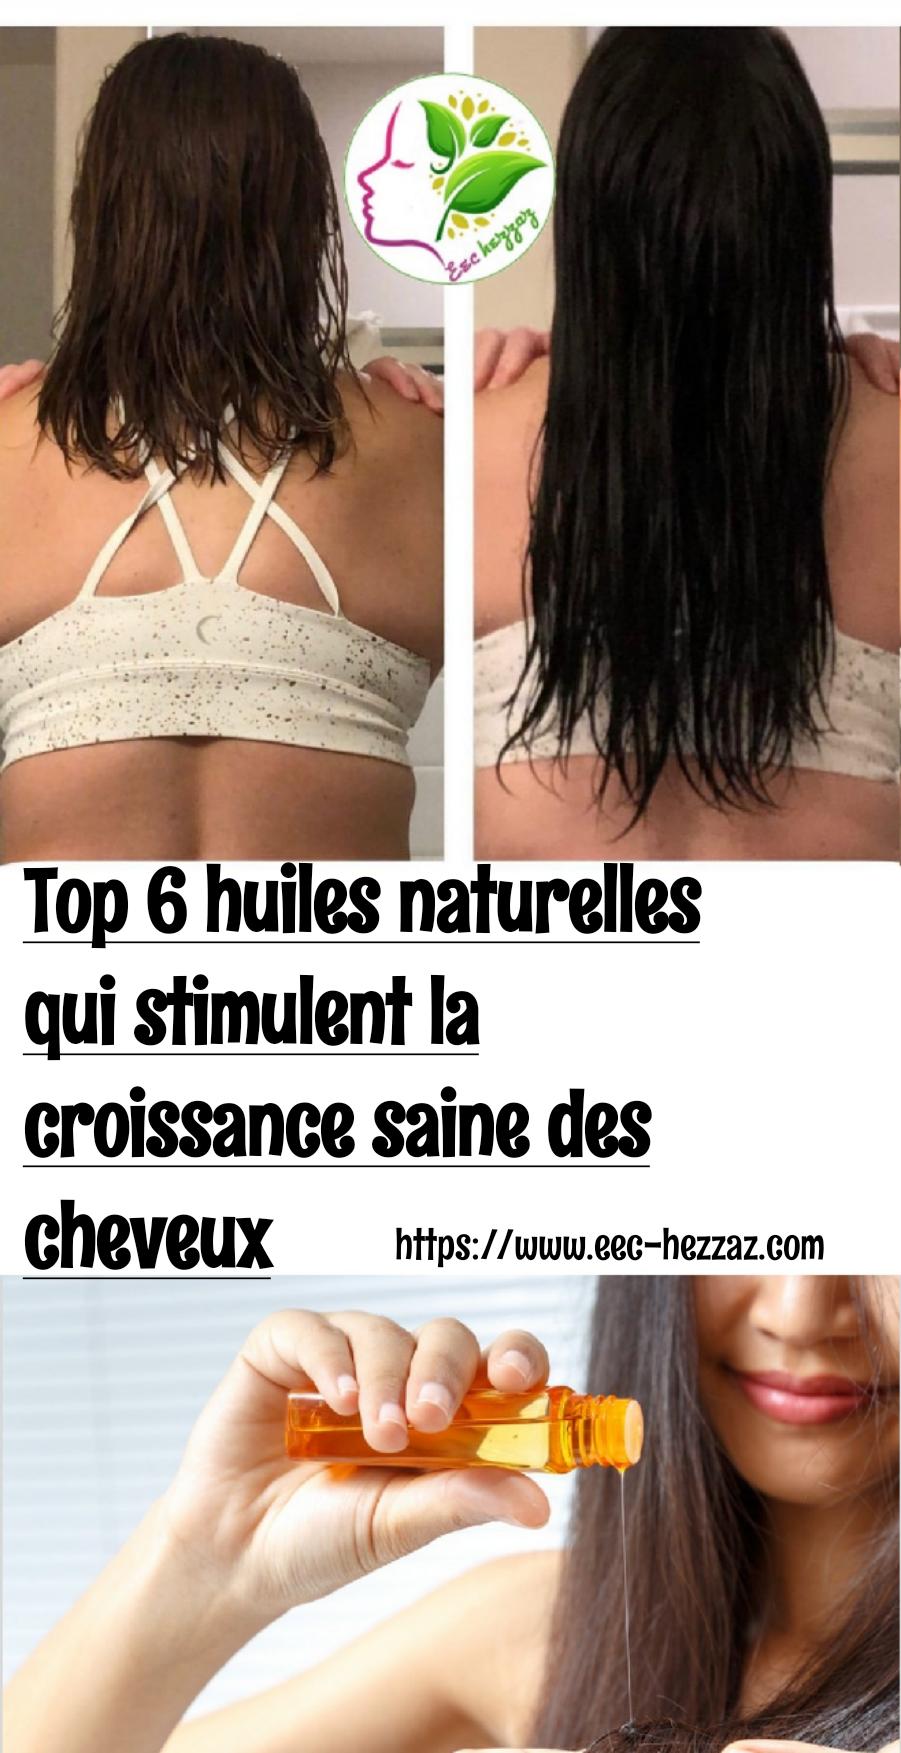 Top 6 huiles naturelles qui stimulent la croissance saine des cheveux